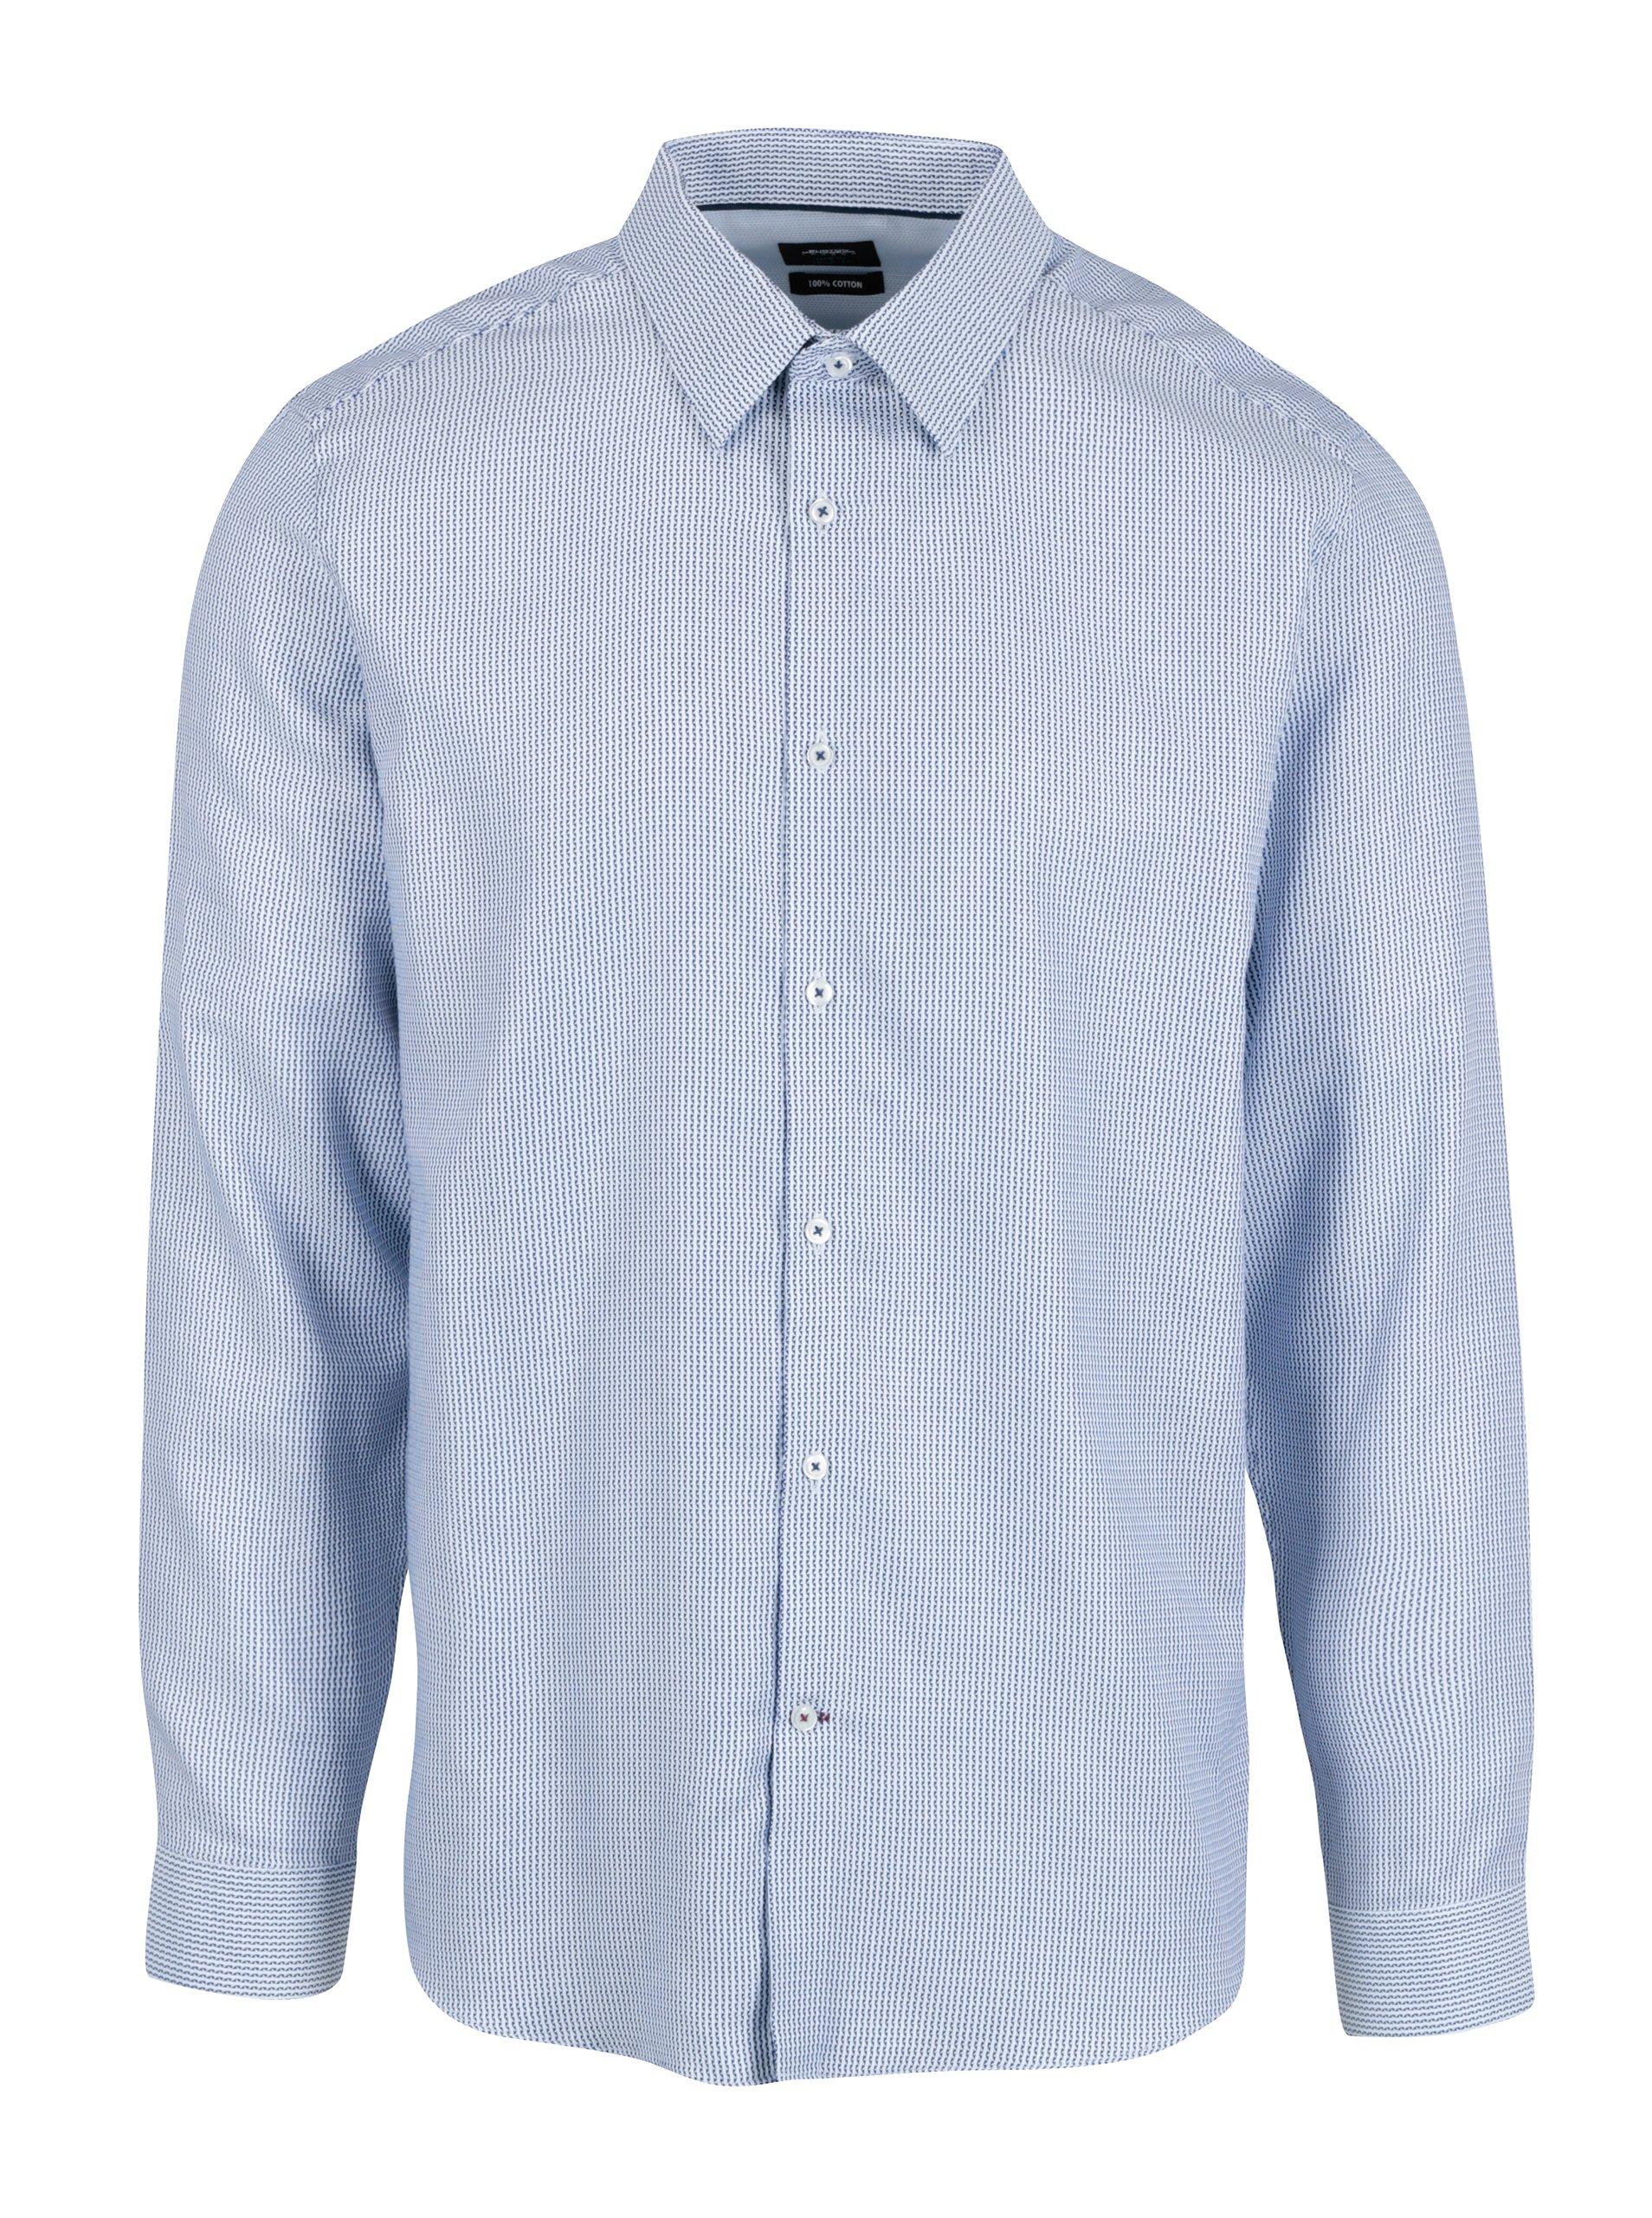 Bílo-modrá vzorovaná formální slim fit košile Burton Menswear London